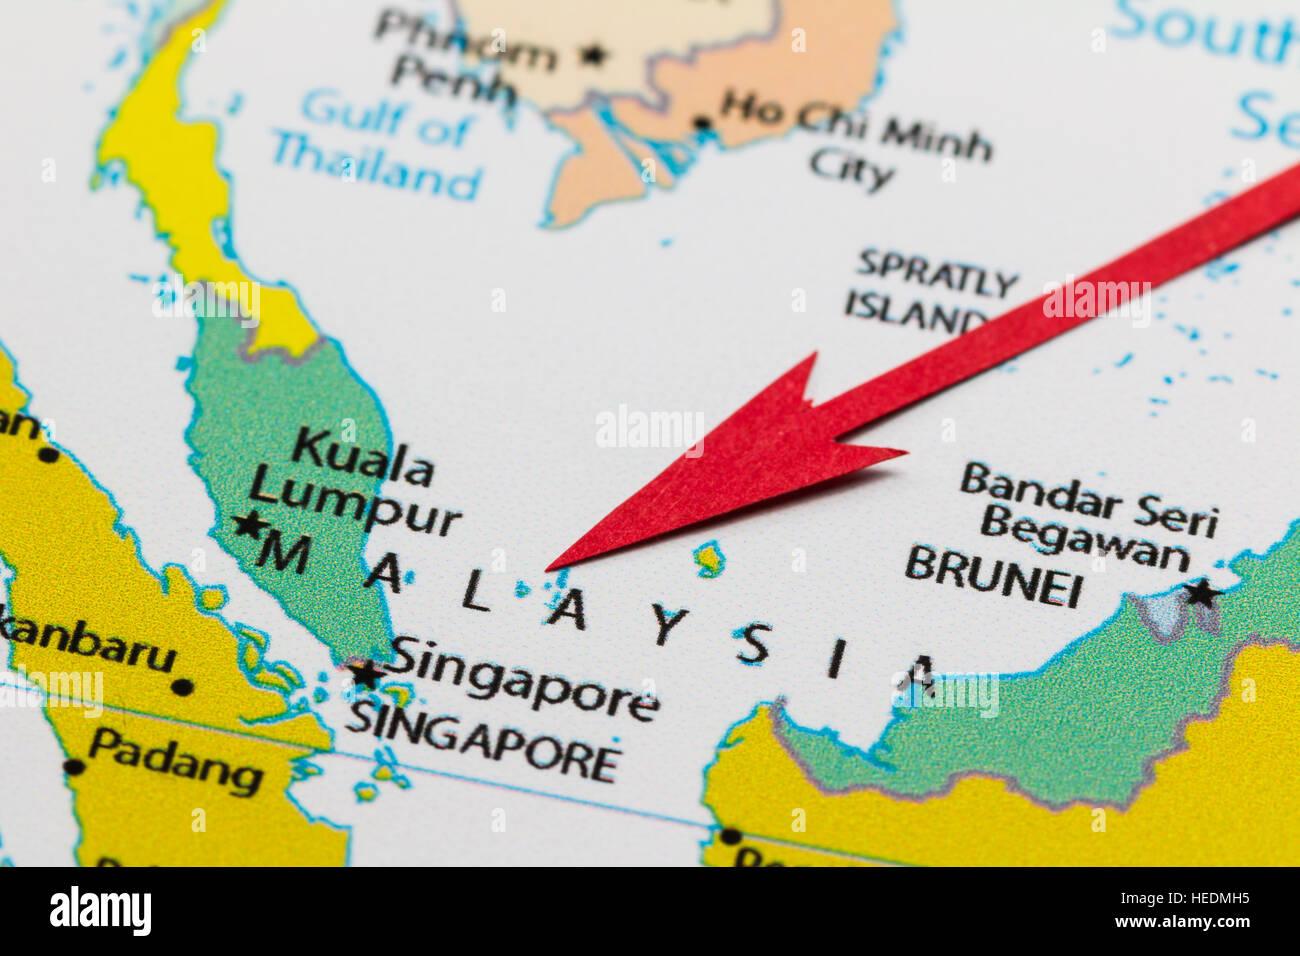 Carte Asie Malaisie.Fleche Rouge Pointant La Malaisie Sur La Carte De L Asie